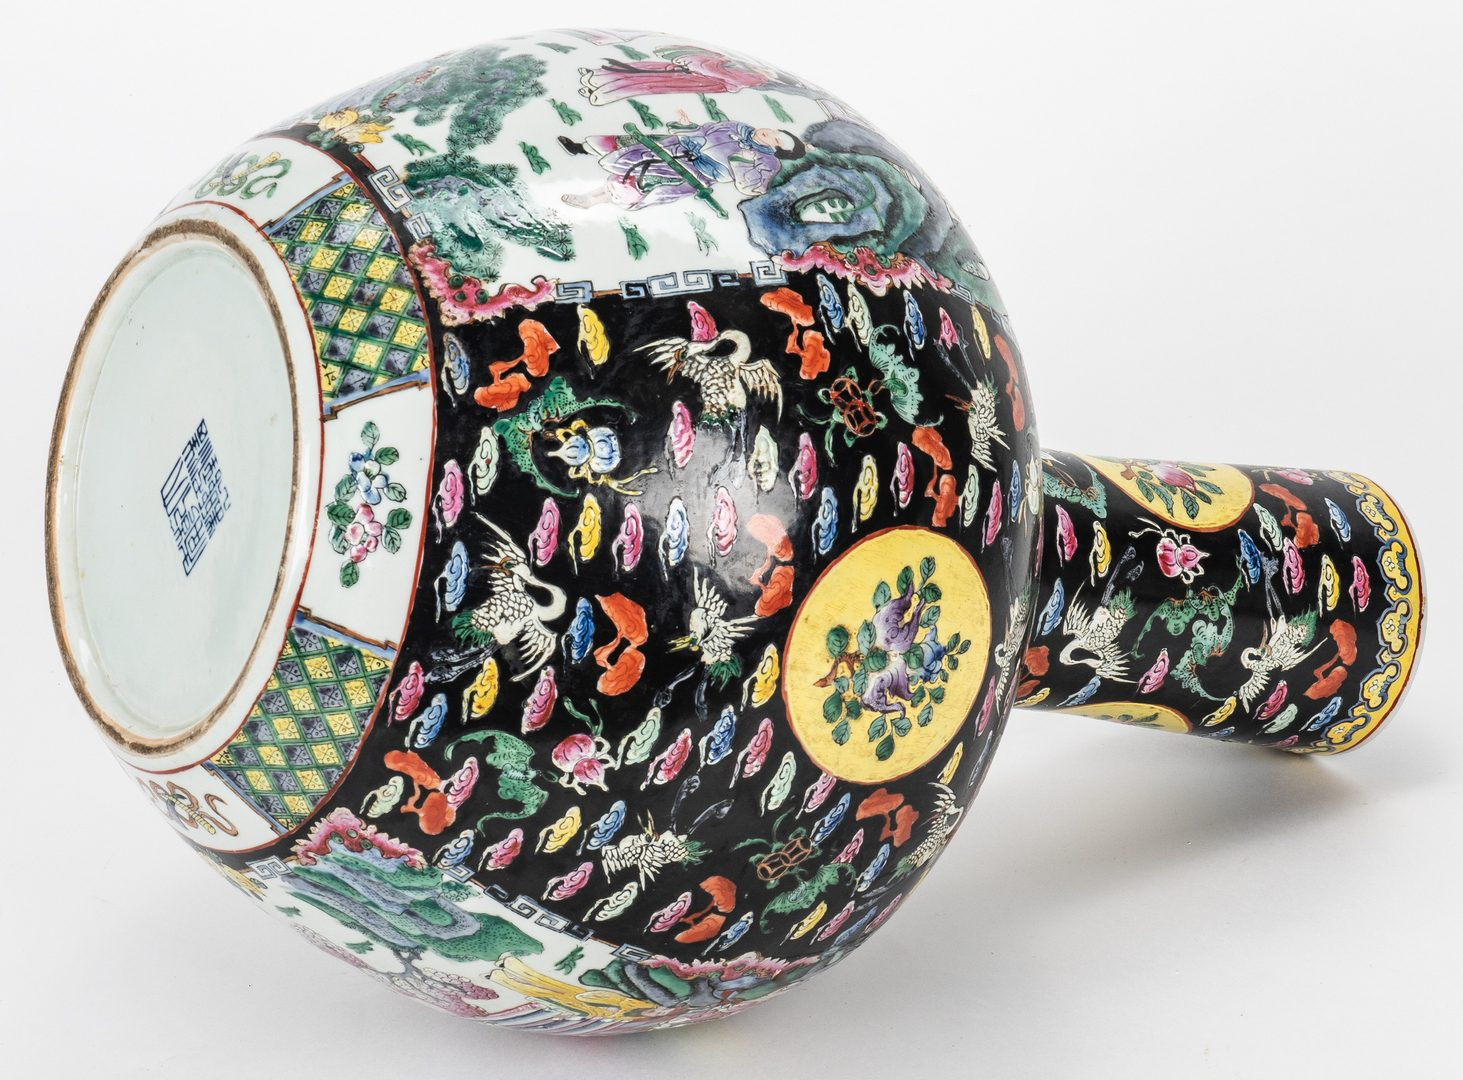 Lot 319: Pr. Chinese Famille Noire Floor Vases